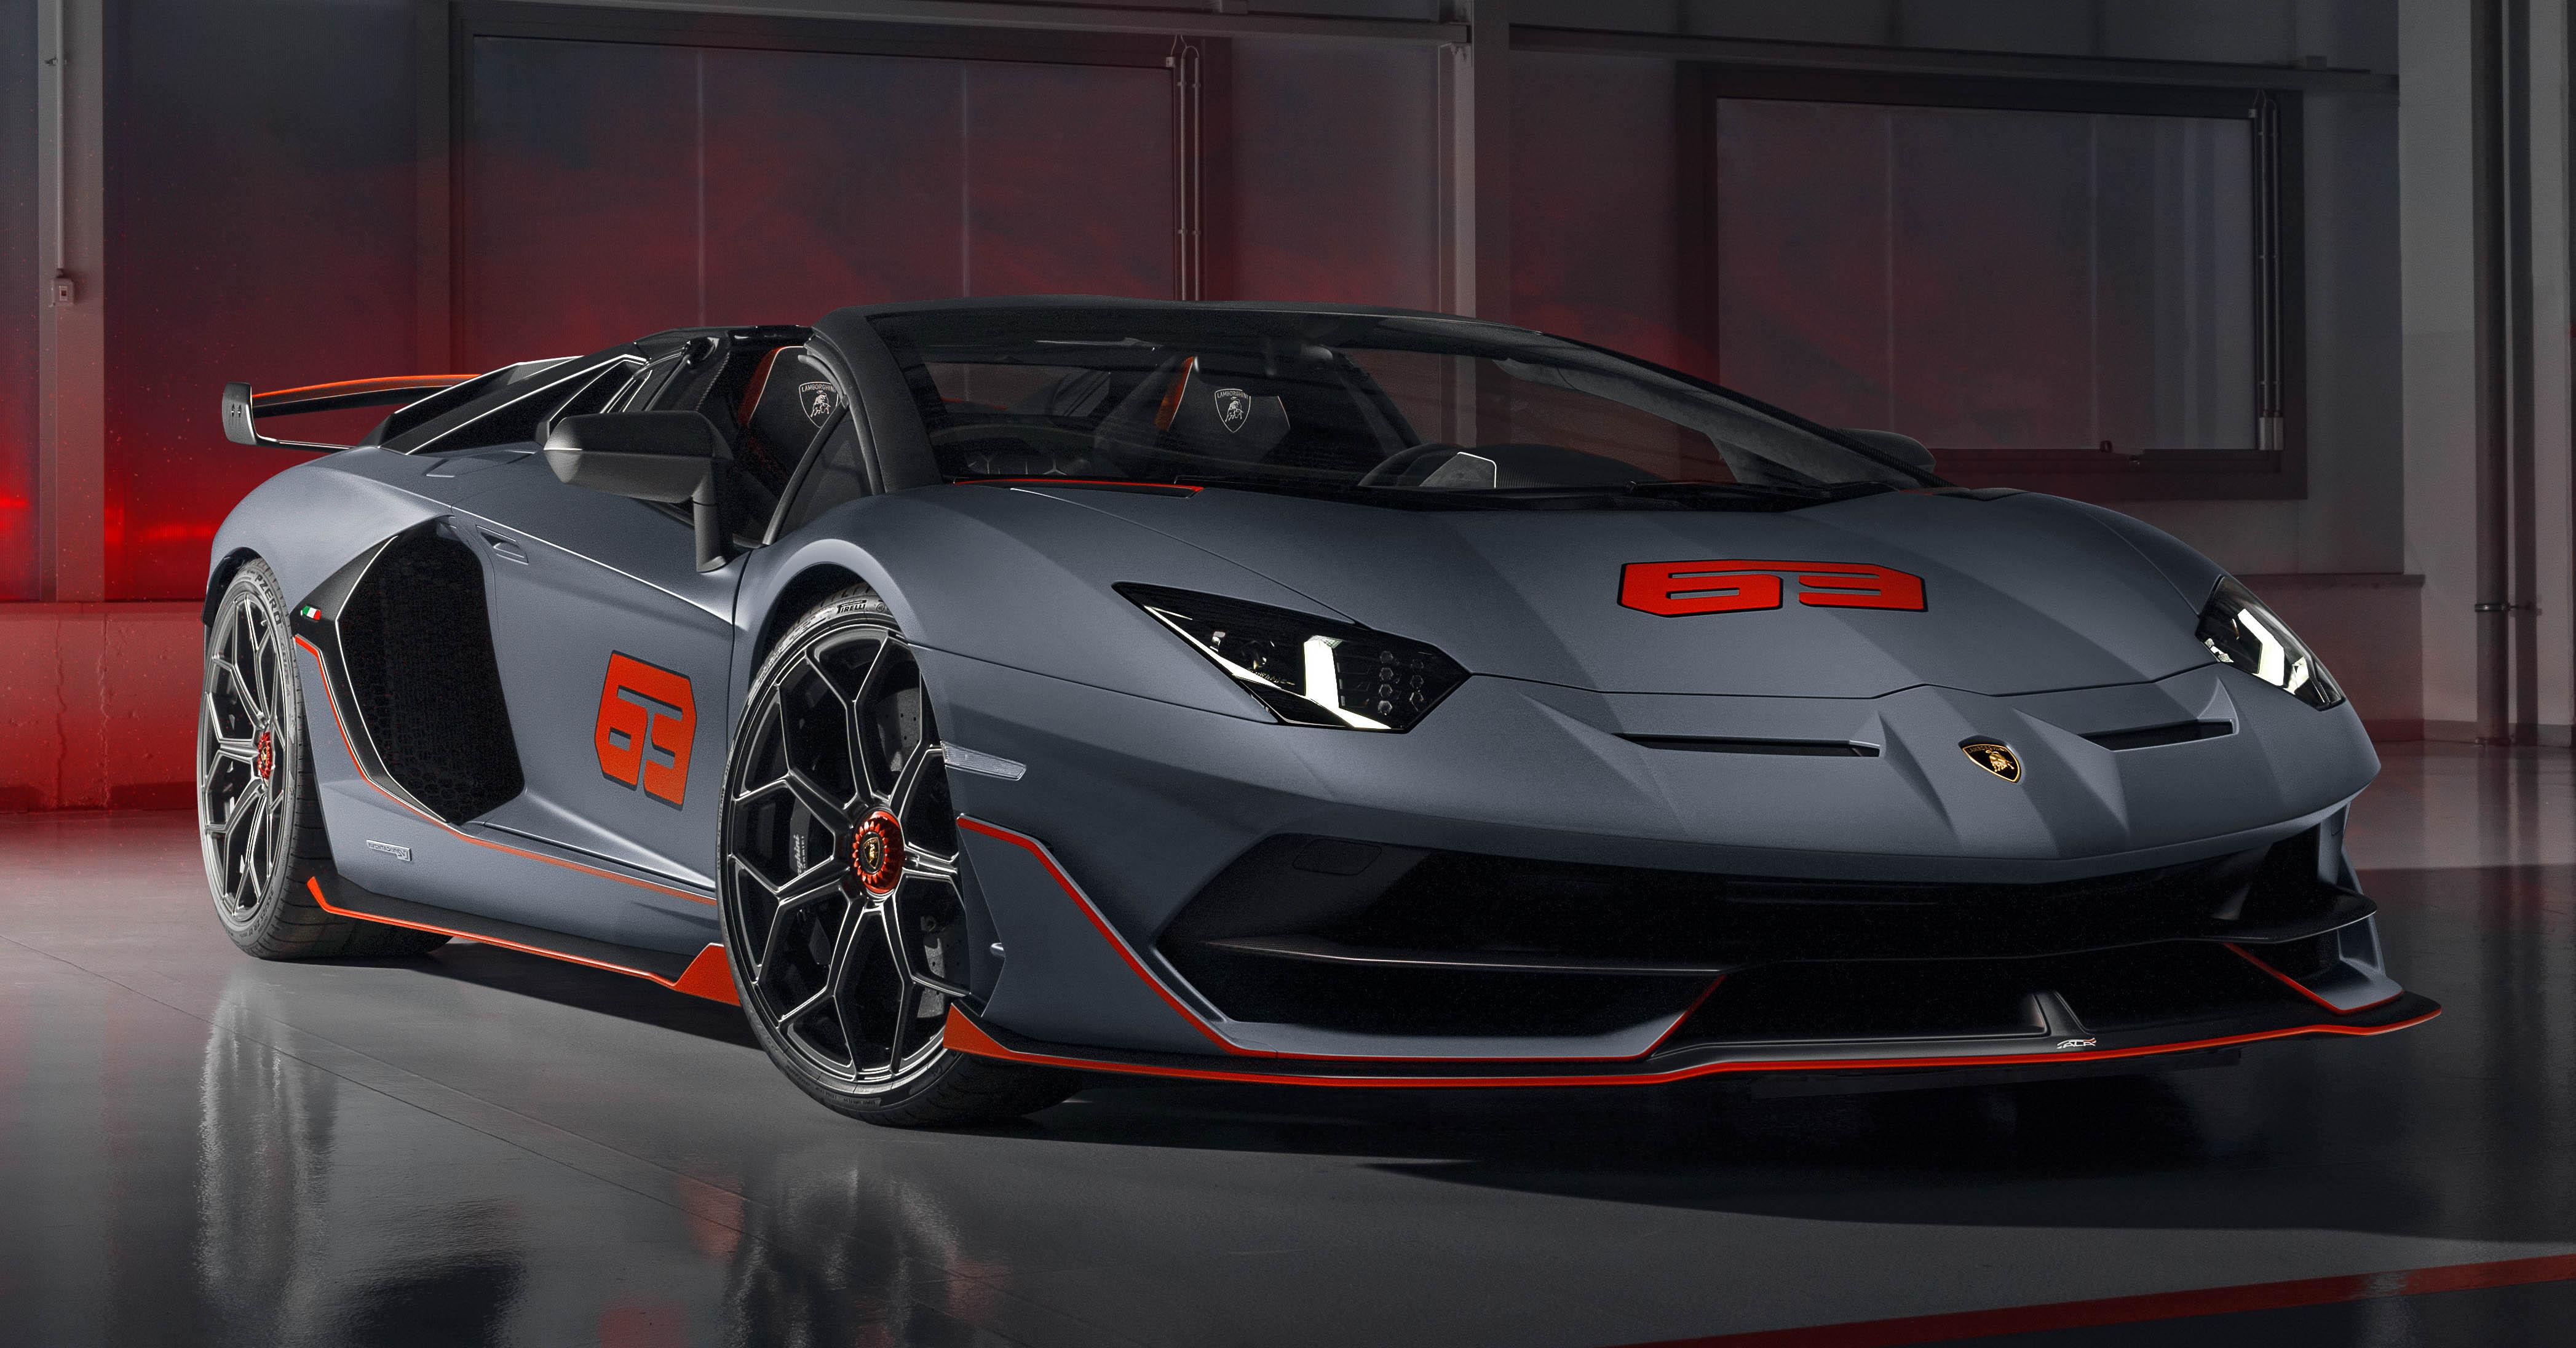 Lamborghini Aventador Svj 63 Roadster And Huracan Evo Gt Celebration Debut At Monterey Car Week Paultan Org